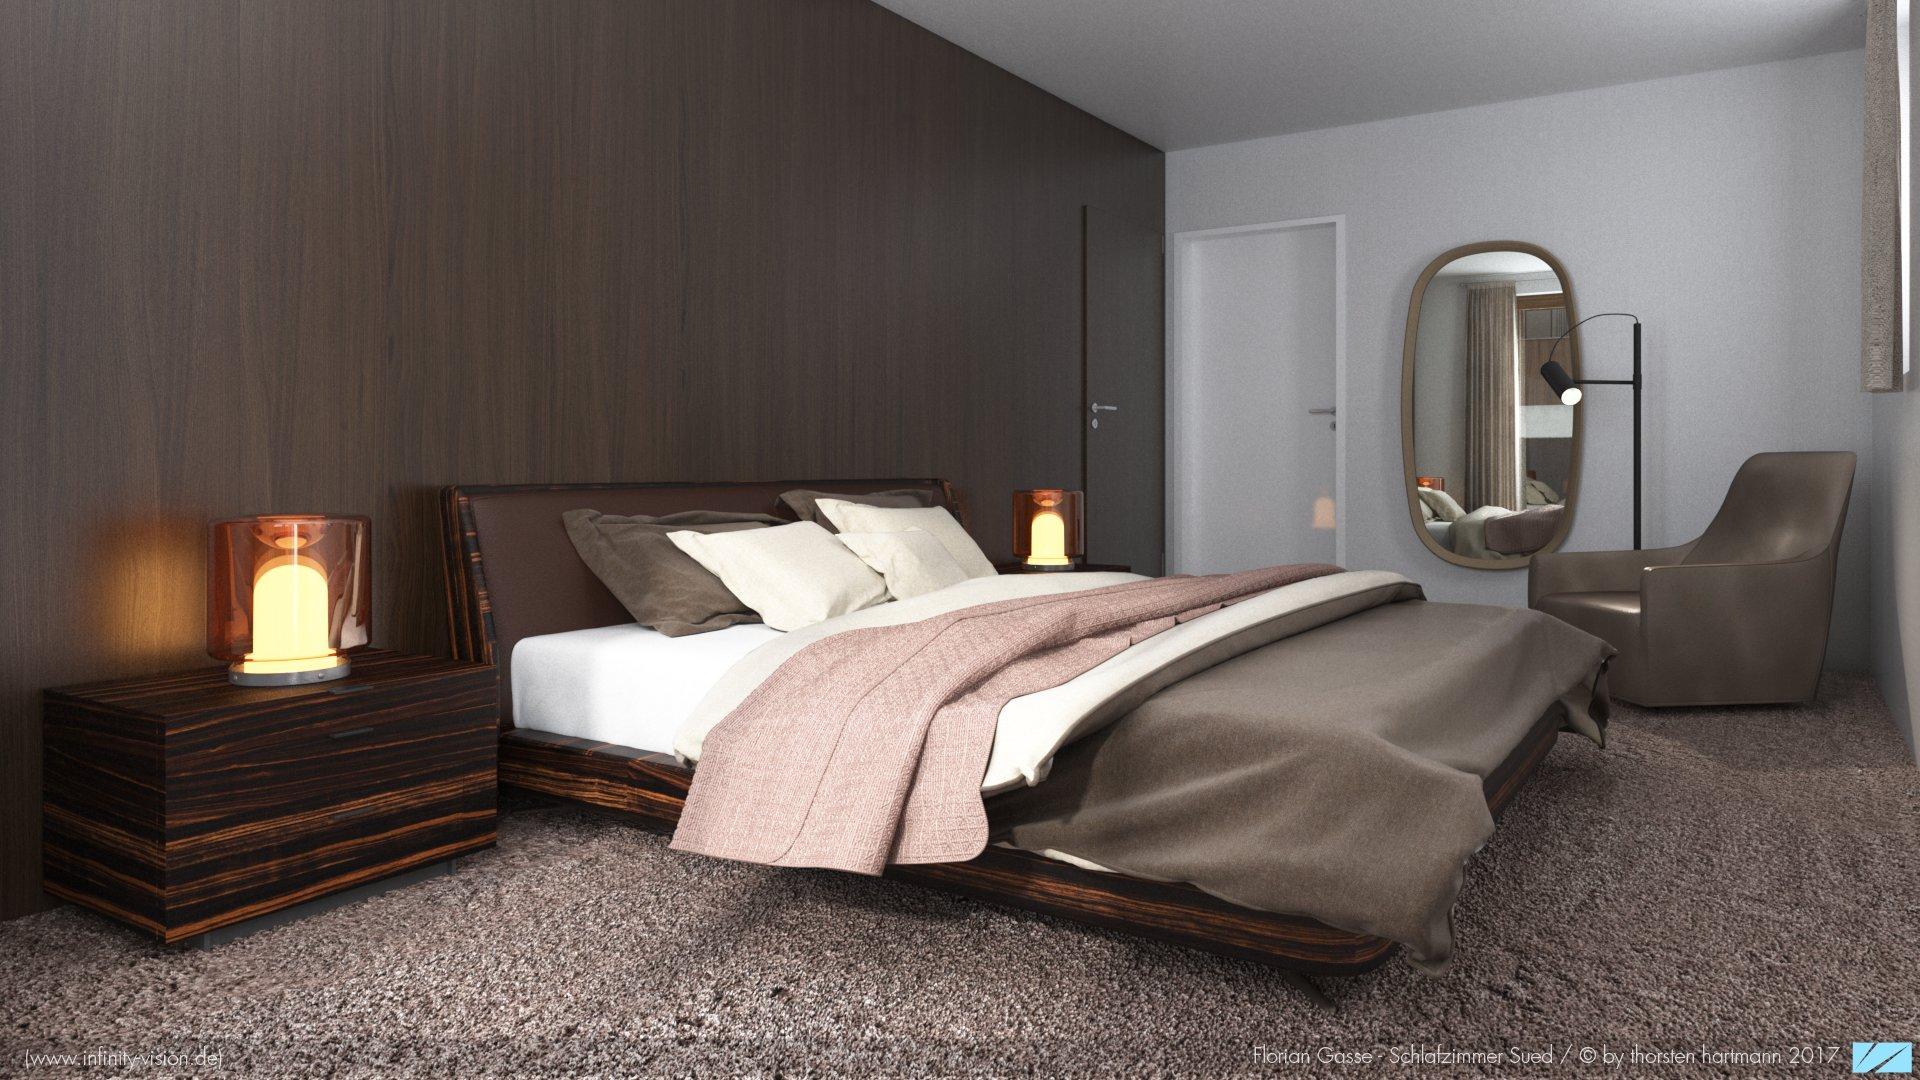 Florian Gasse / Schlafzimmer